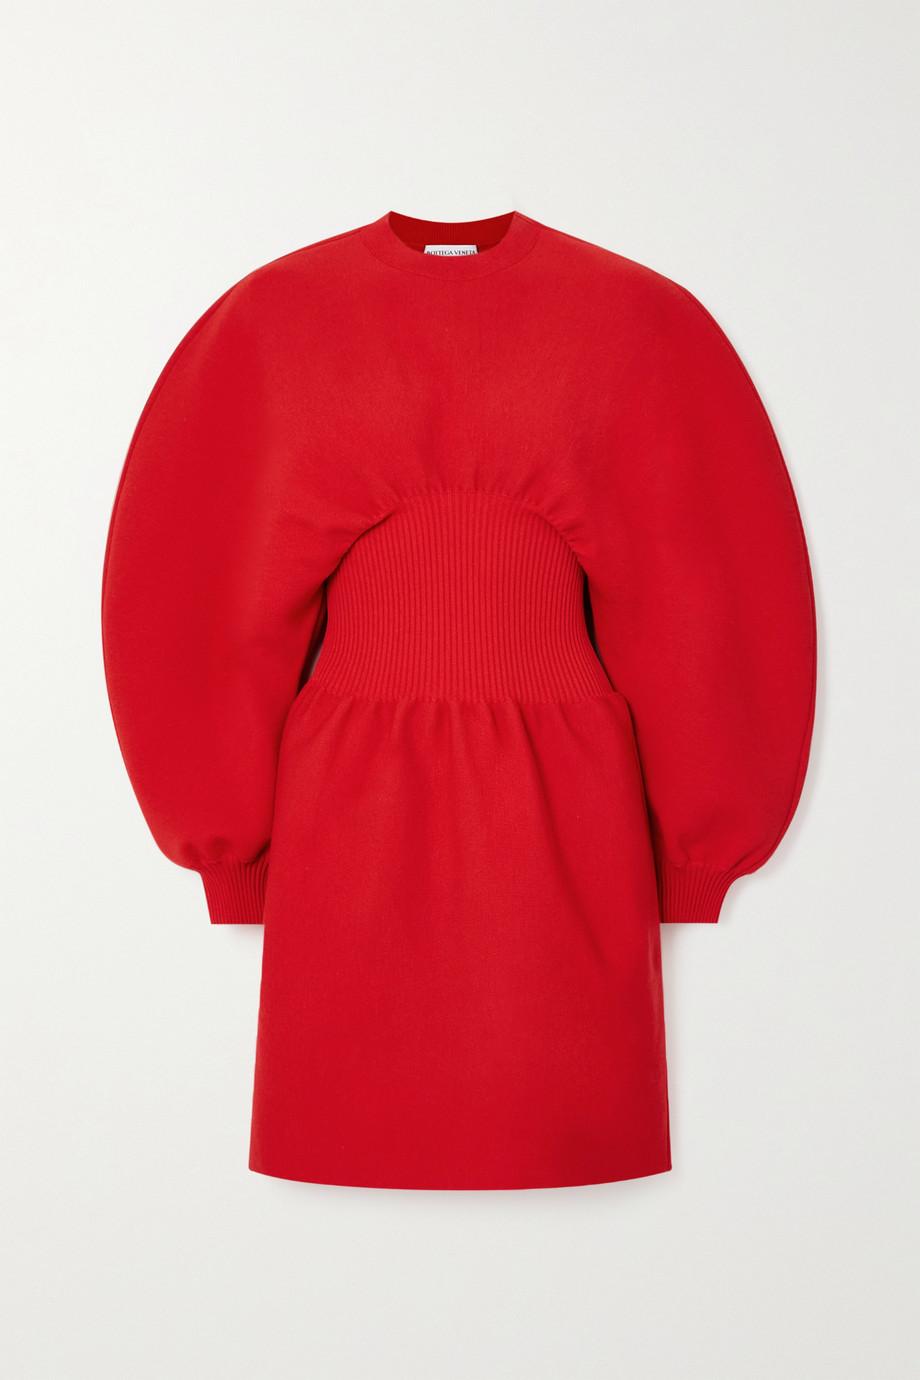 Bottega Veneta Minikleid aus einer Wollmischung